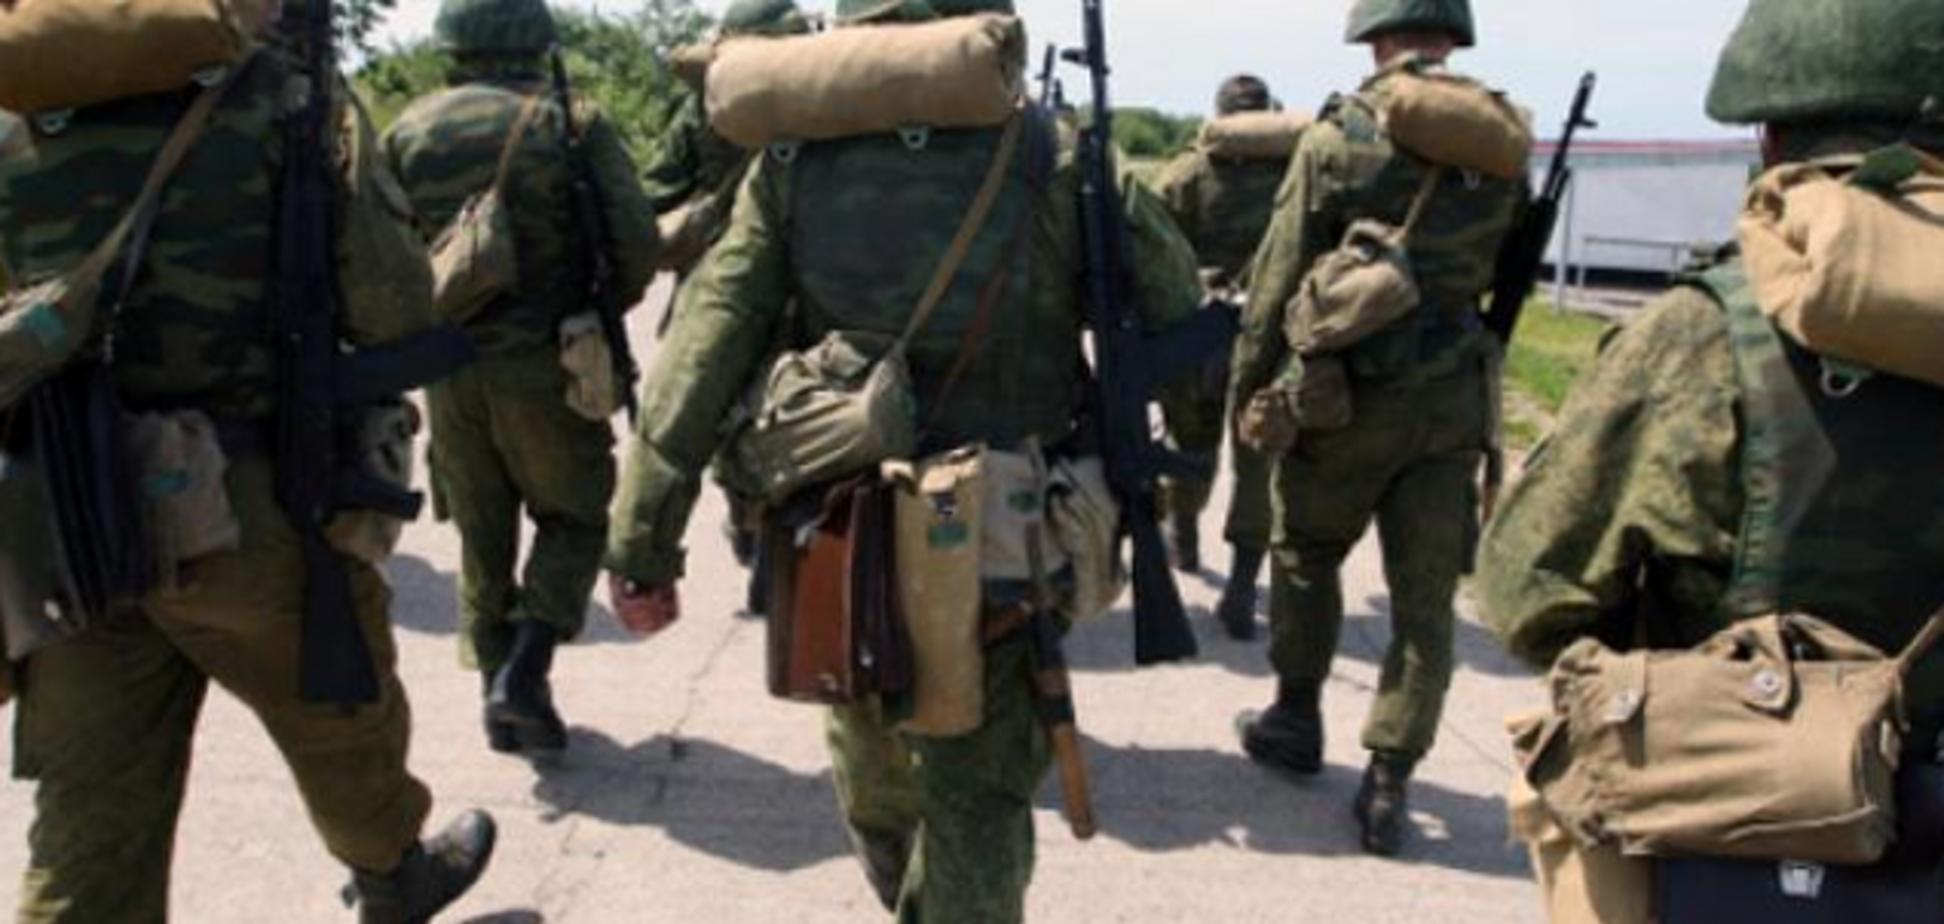 В Харькове посадили военного на гауптвахту за побег из части